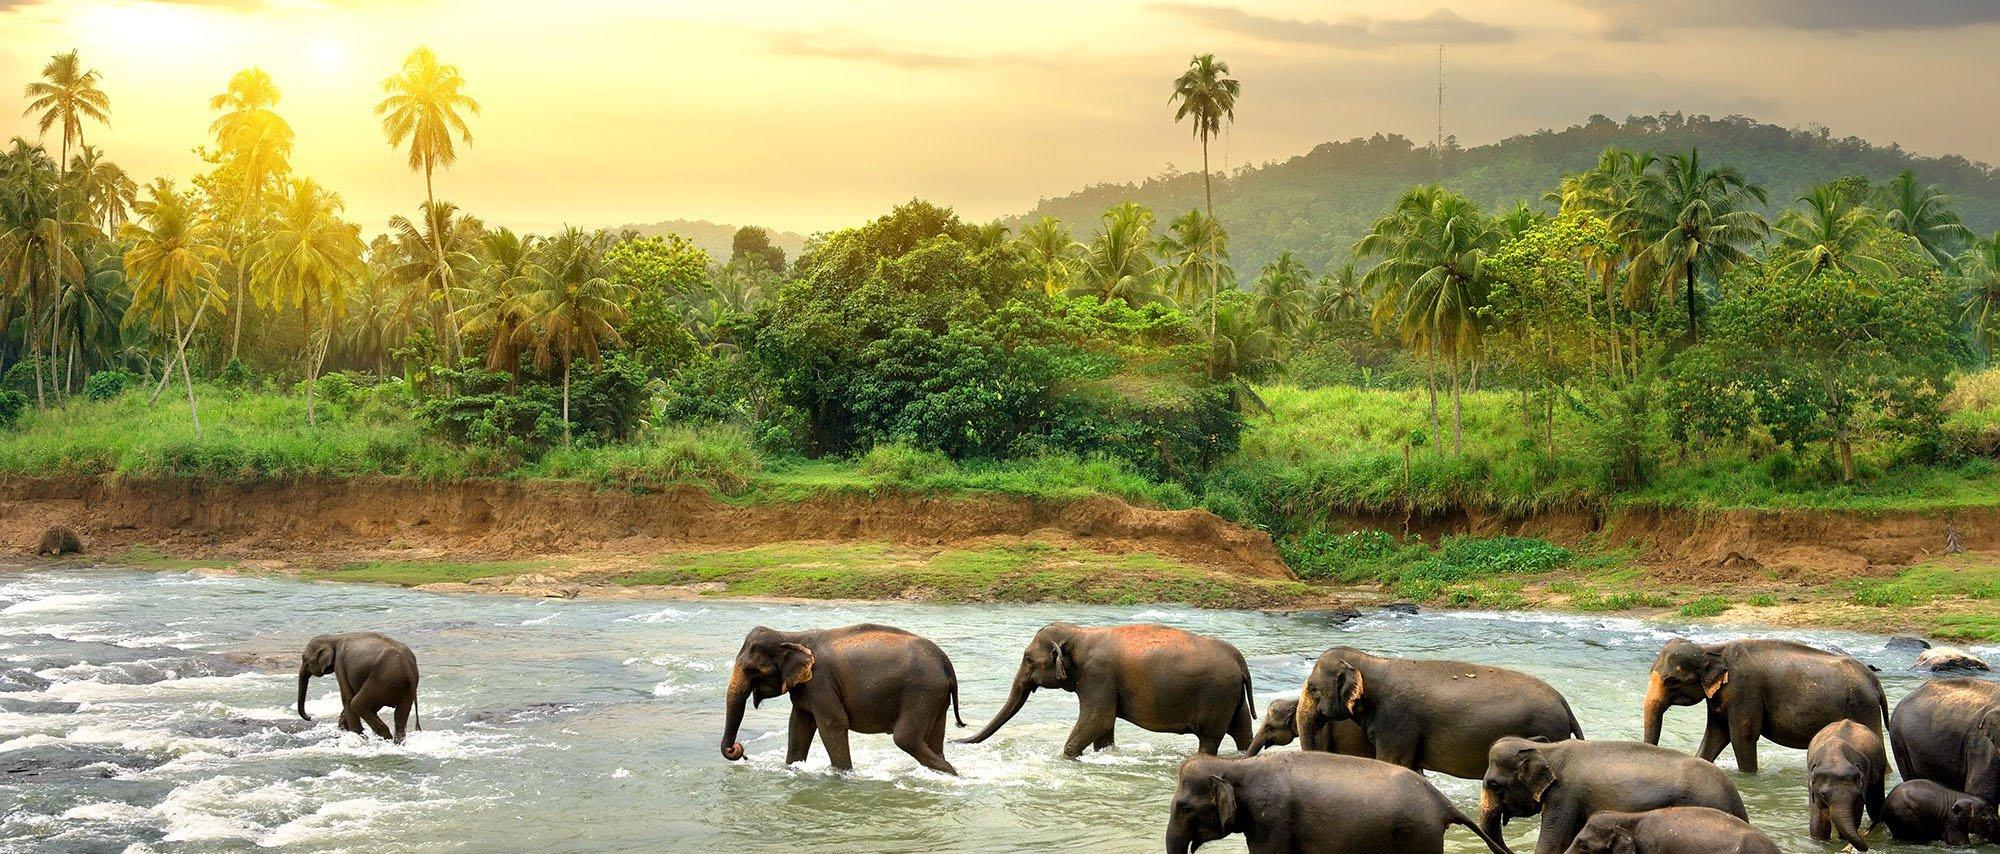 srilanka.original